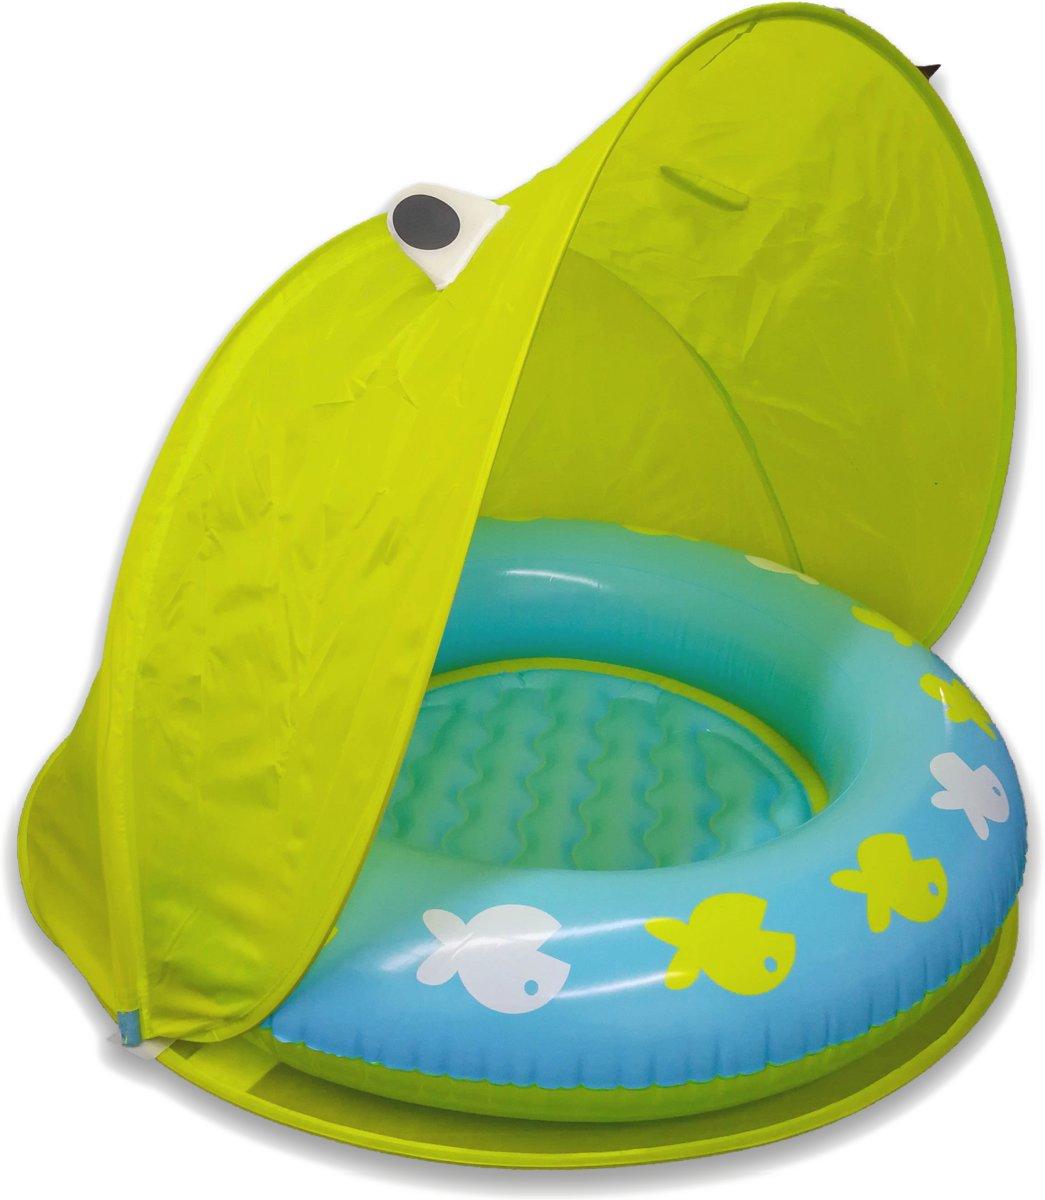 ᐅ Opblaasbaar Buiten Babyzwembadje Met Zonnebescherming En